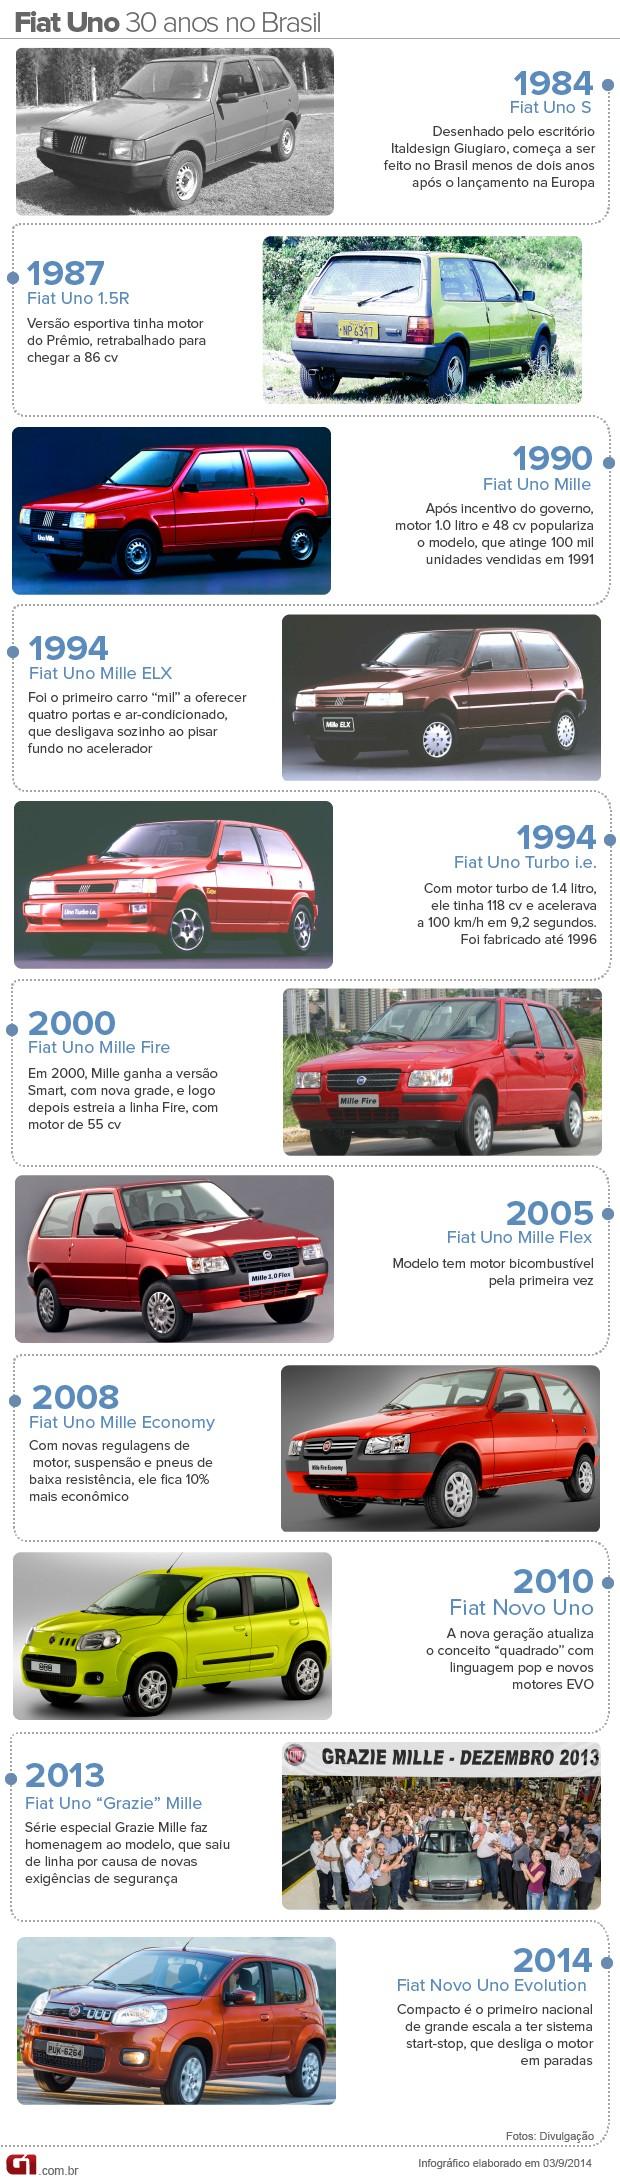 Linha do tempo Fiat Uno (Foto: Arte/G1)